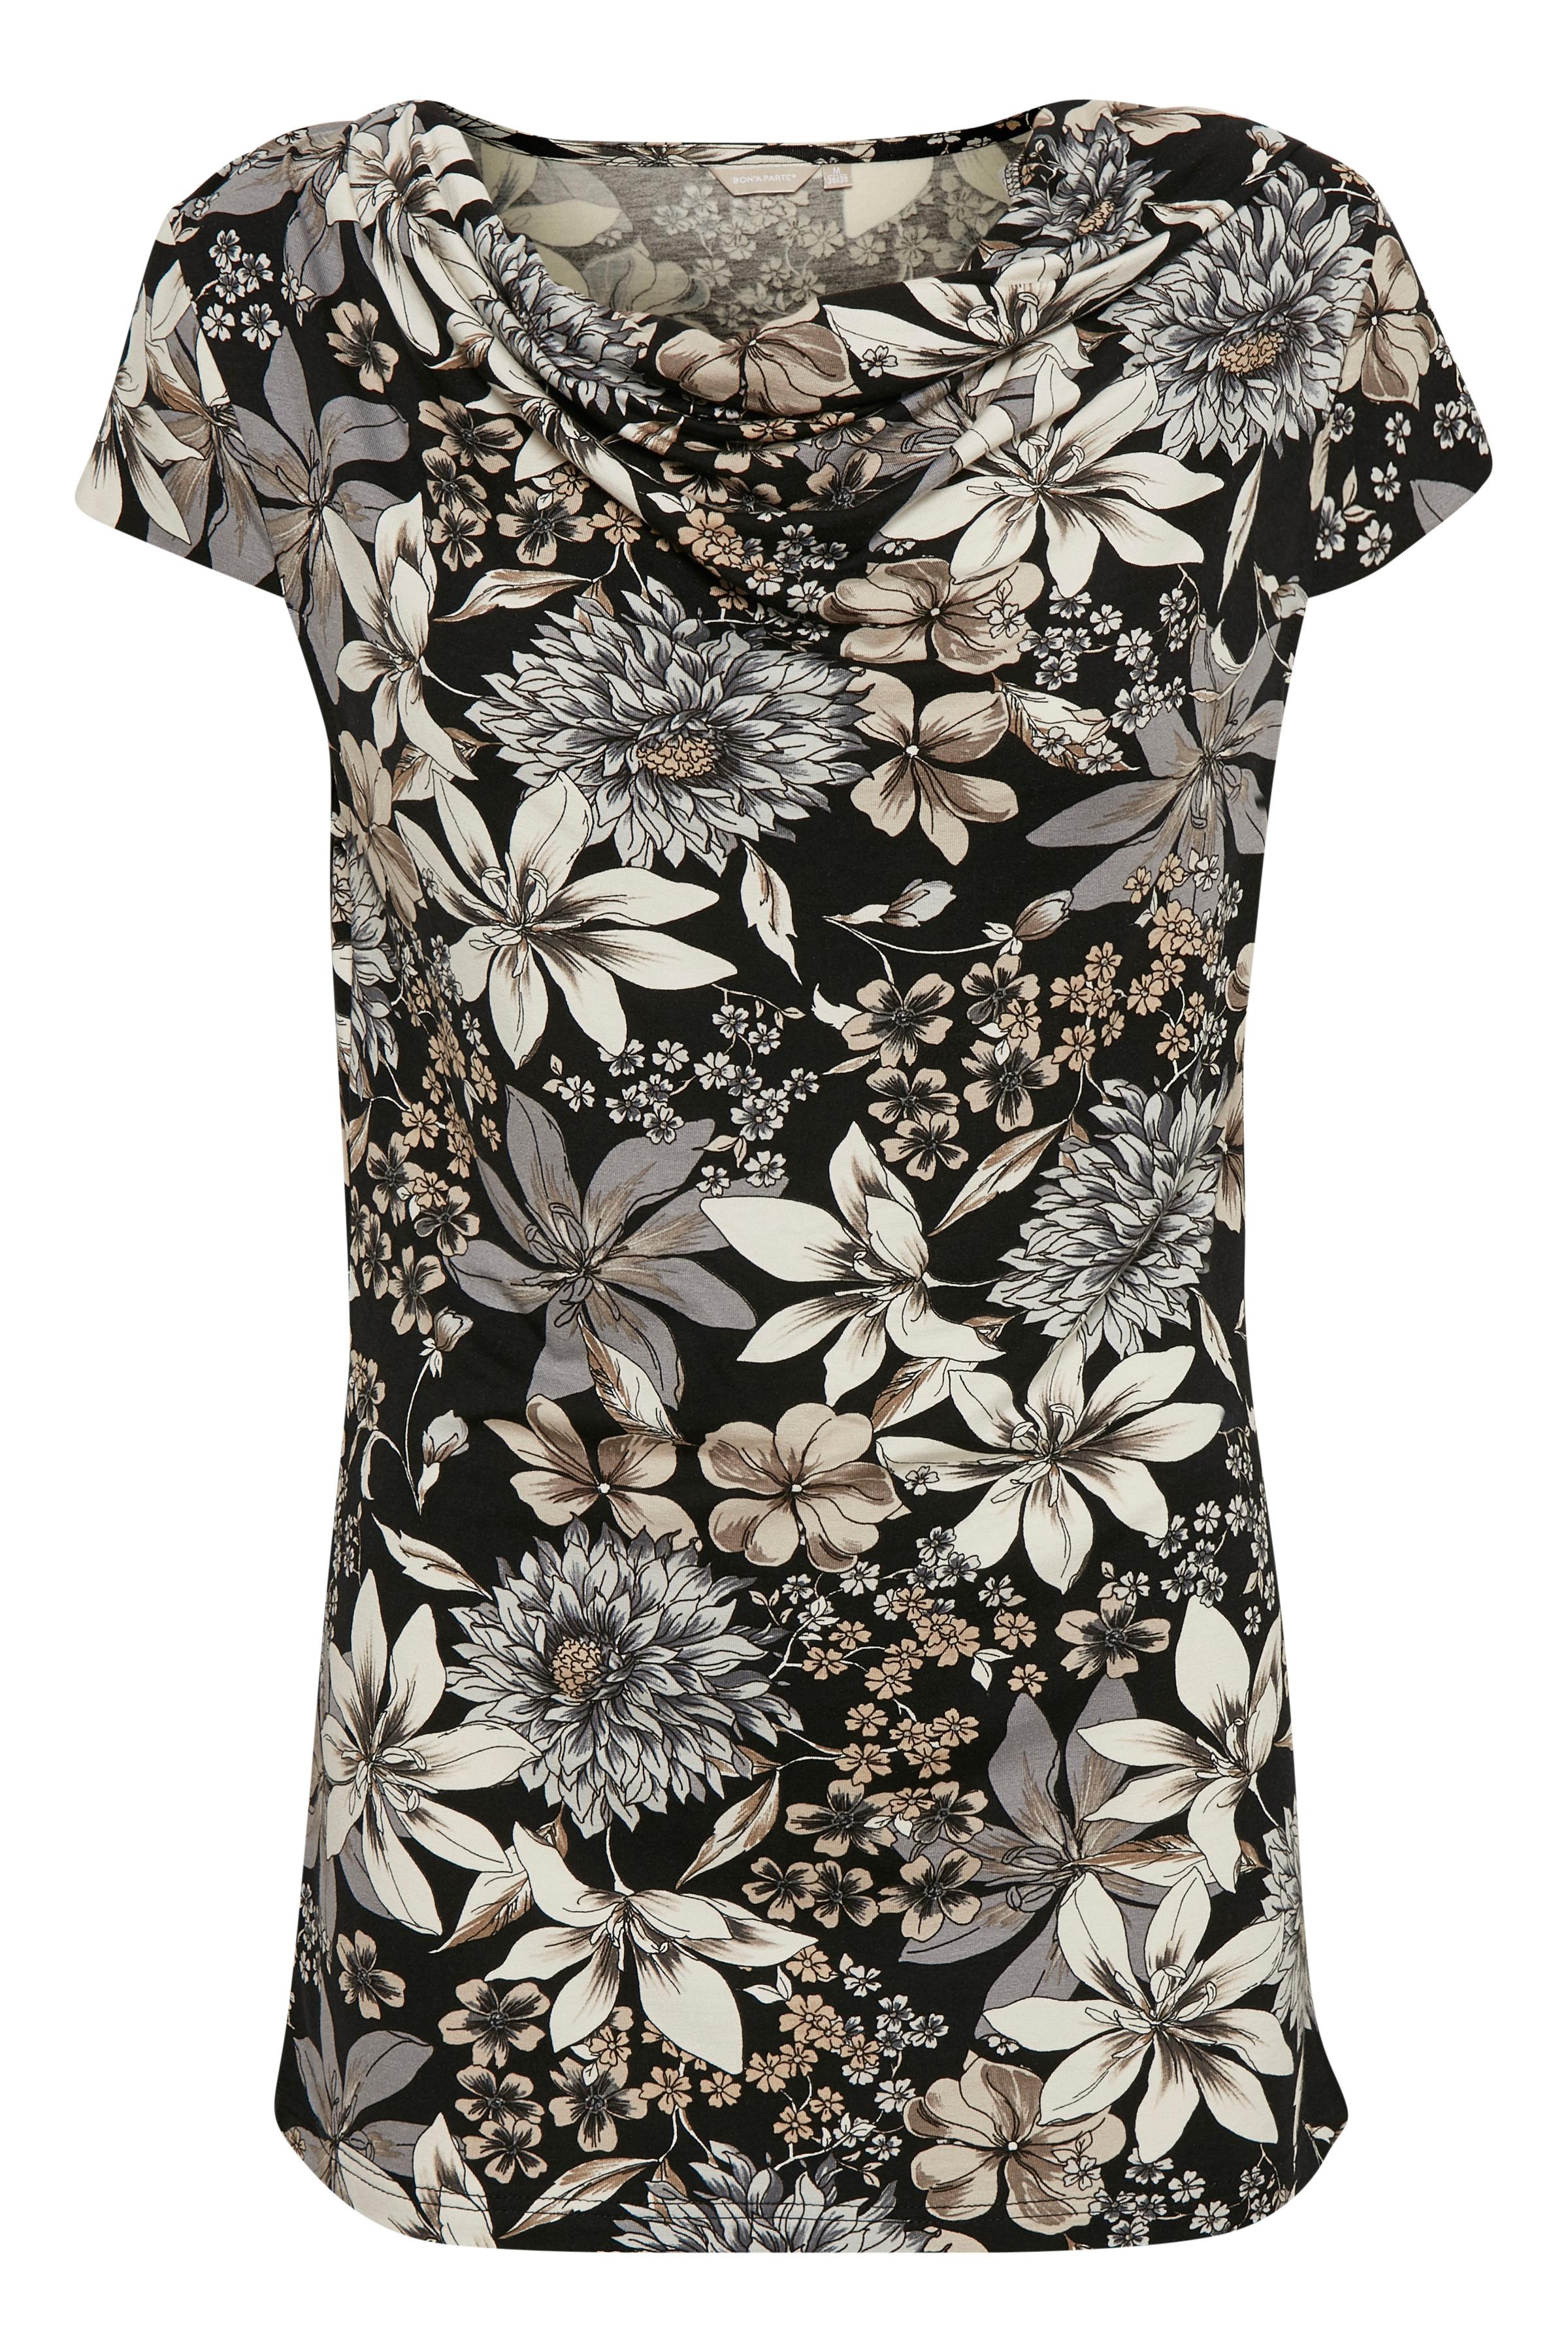 Sort/sand Kortærmet T-shirt fra Bon'A Parte – Køb Sort/sand Kortærmet T-shirt fra str. S-2XL her